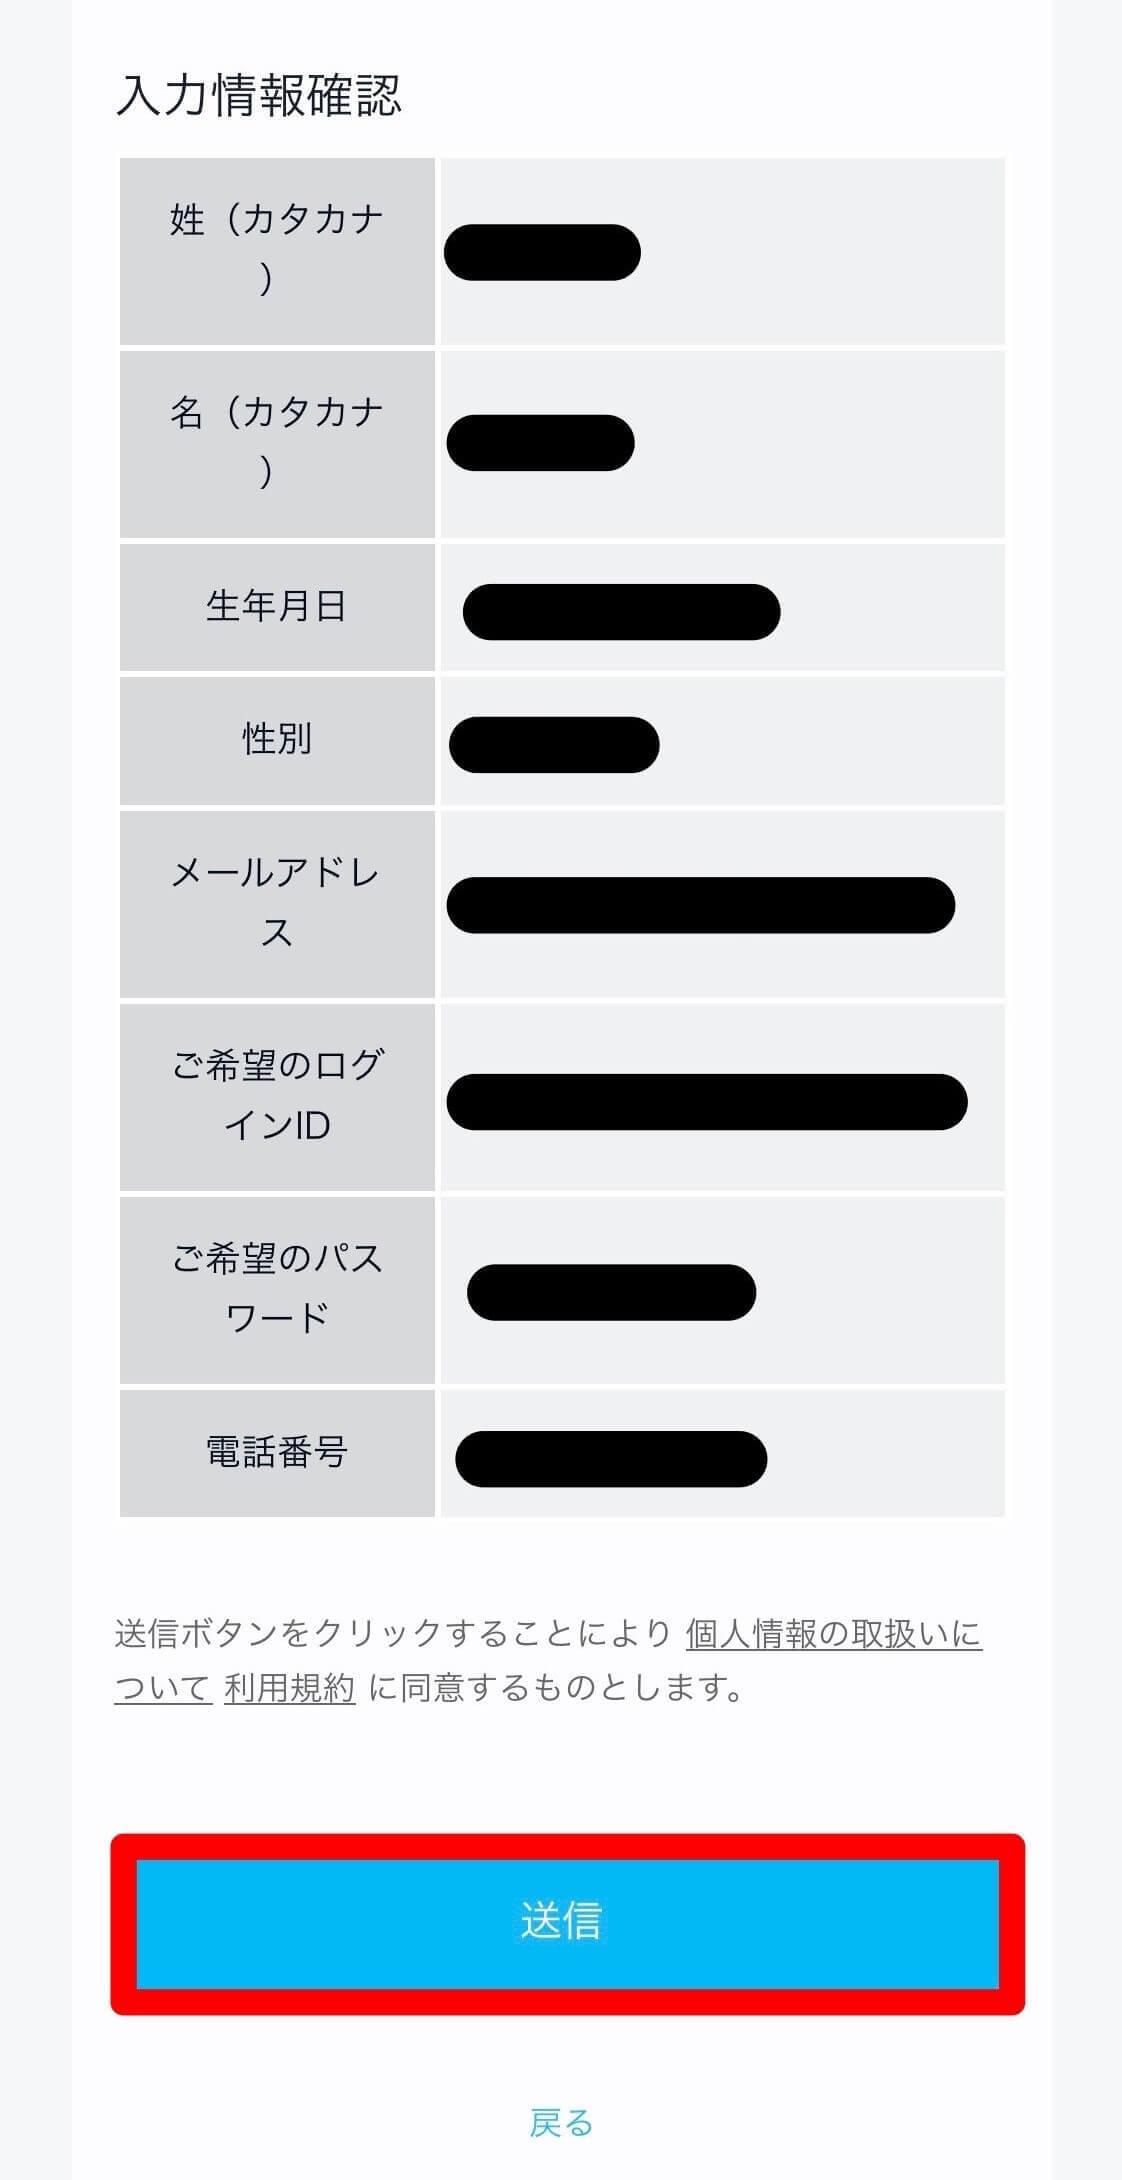 U-NEXT登録手順⑥